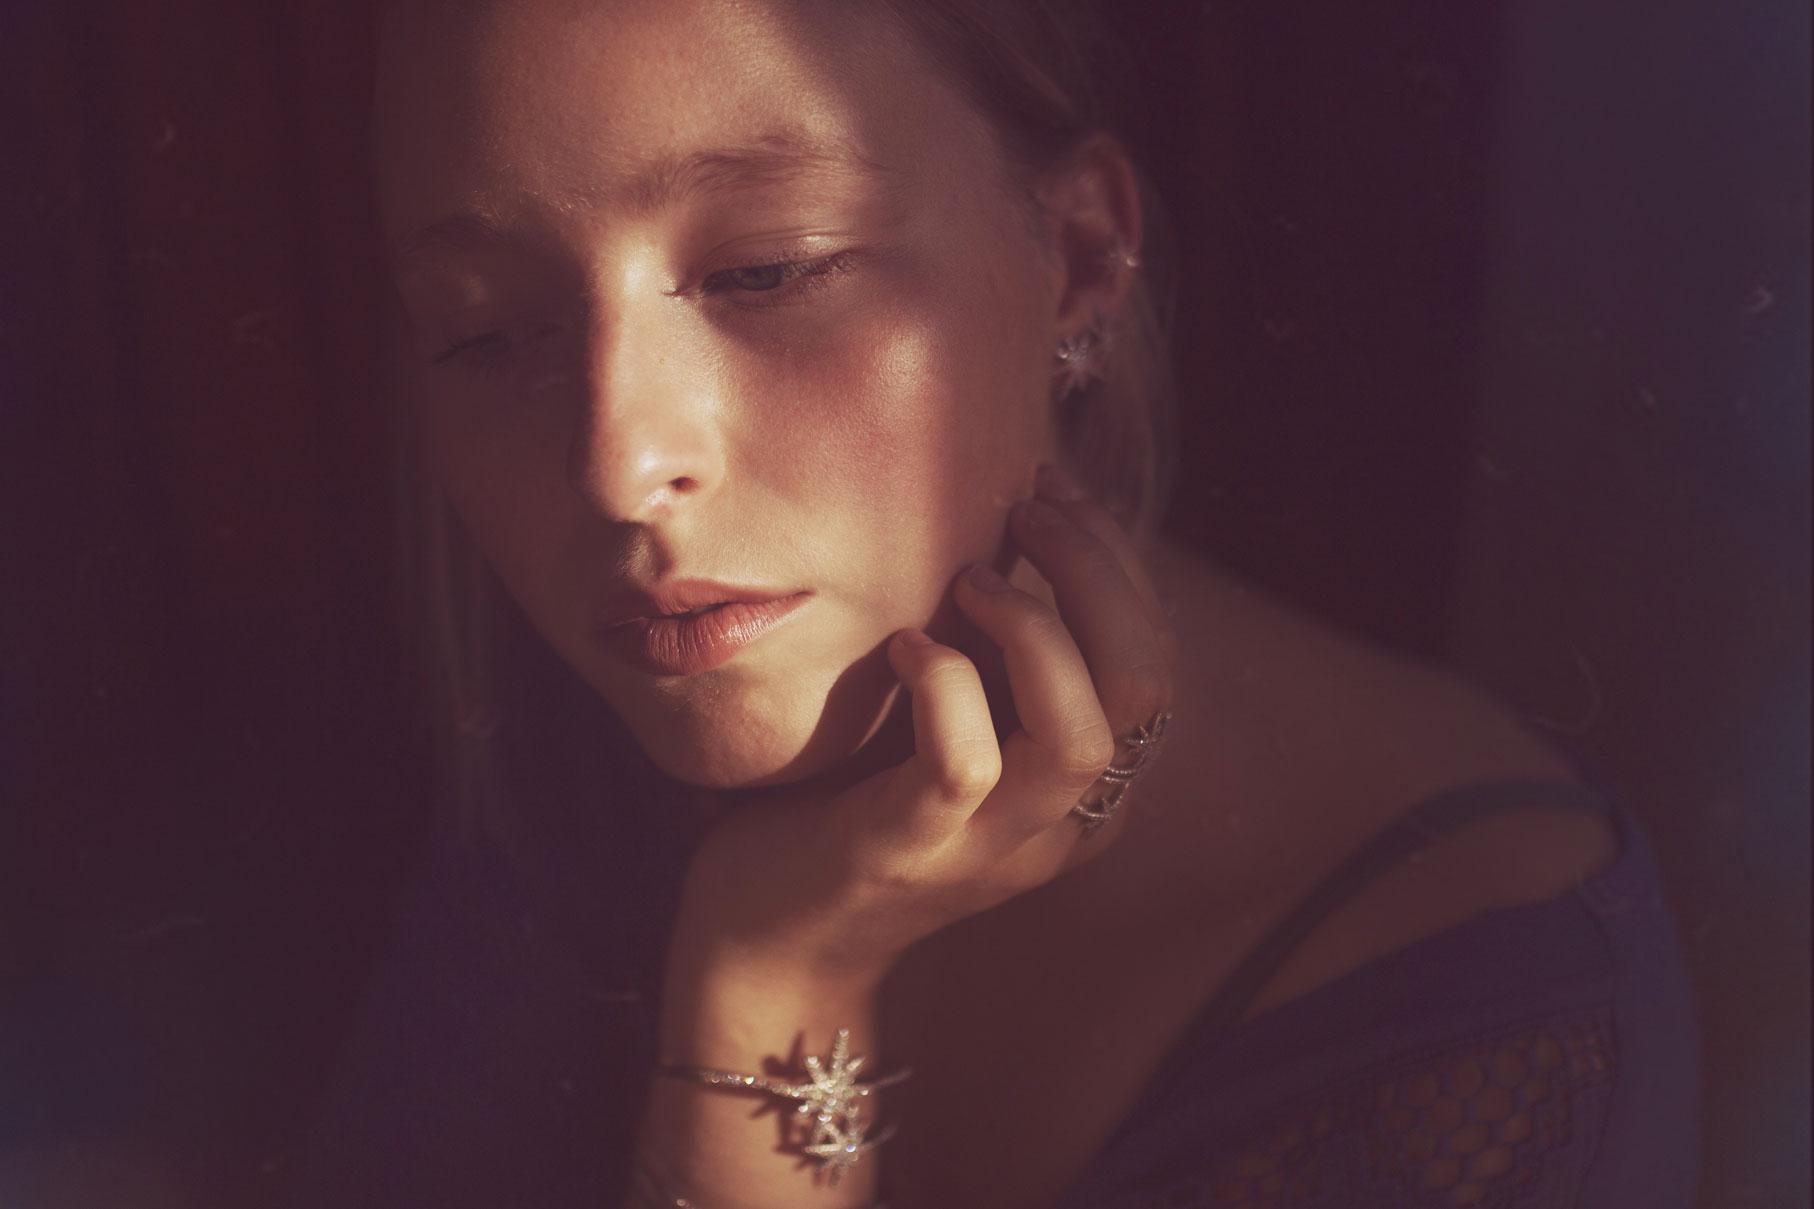 portrait contrasté d'une jeune femme blonde